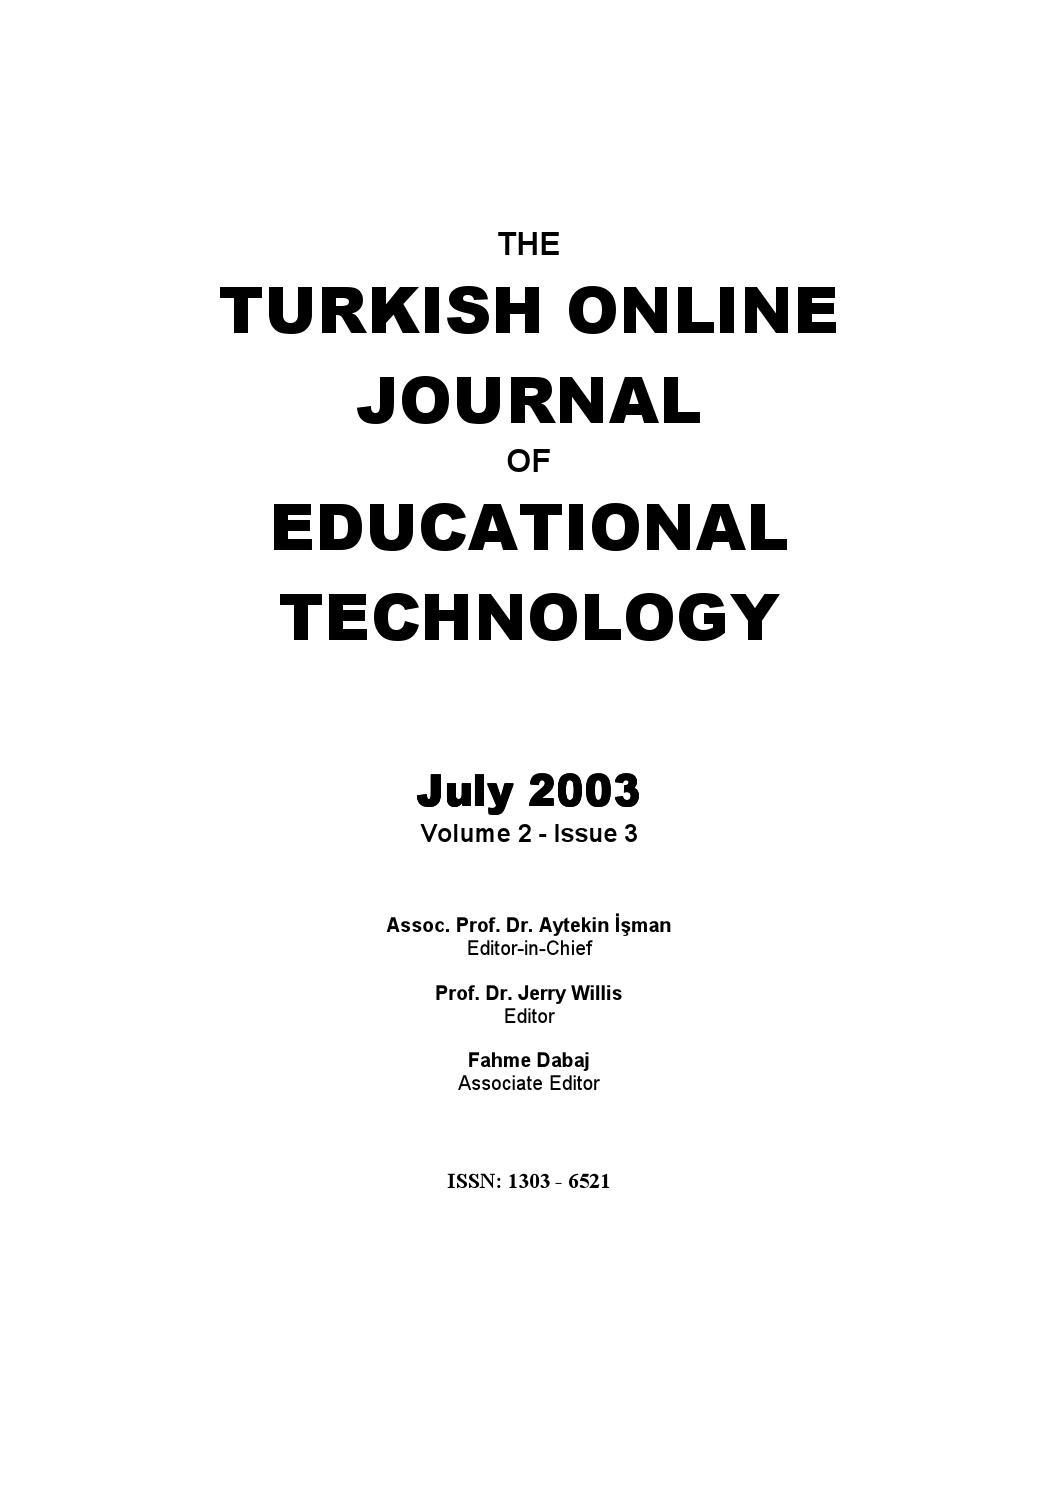 Bilgisayar ve Öğretim Teknolojileri Eğitimi (BÖTE) Bölümü